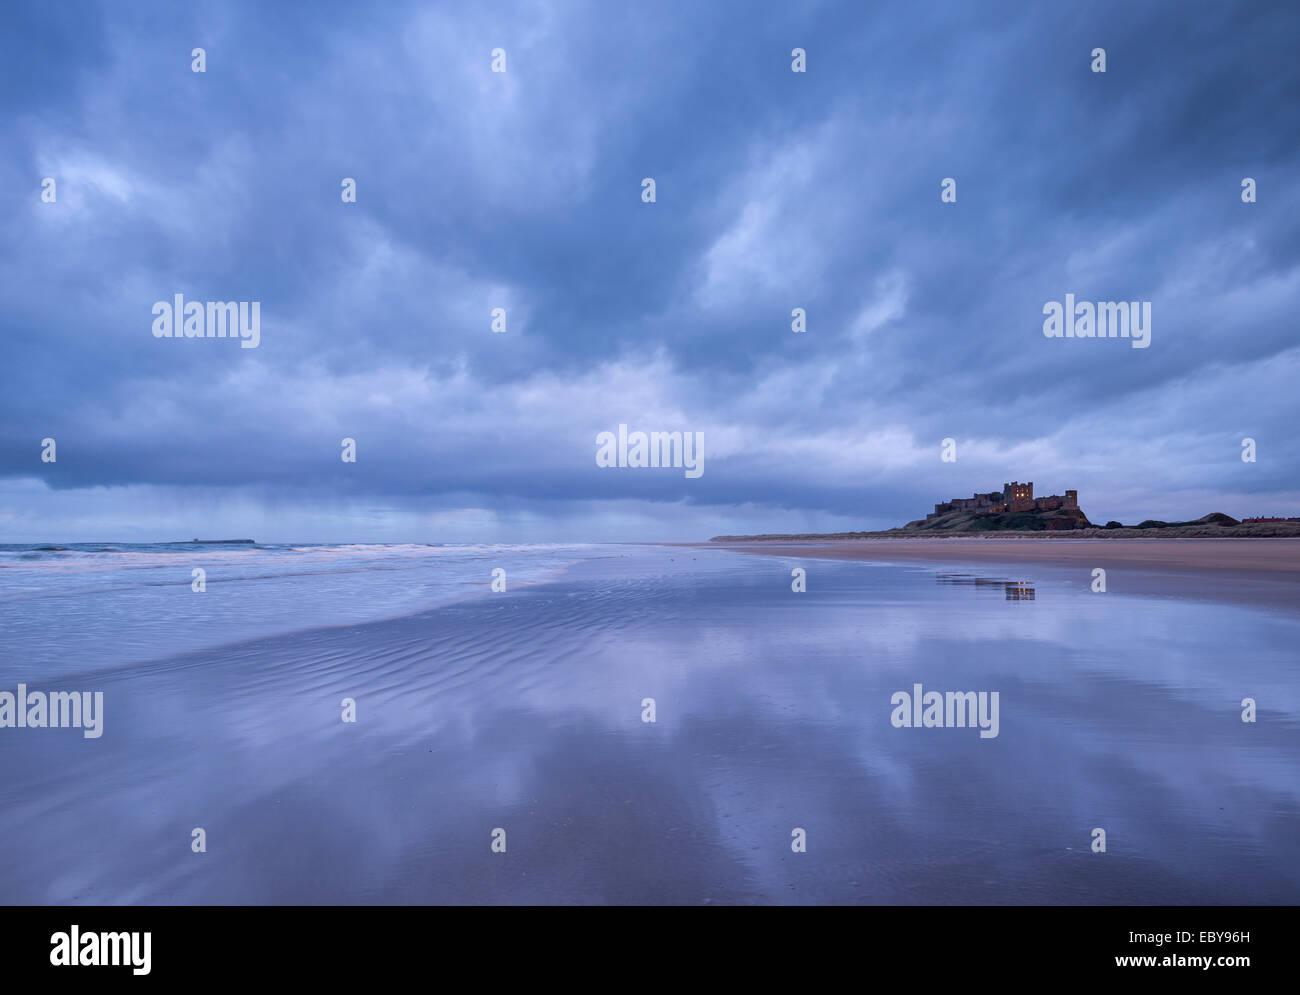 Sturmwolken reflektieren am menschenleeren Strand neben Bamburgh Castle in Northumberland, England. Winter (März) Stockbild